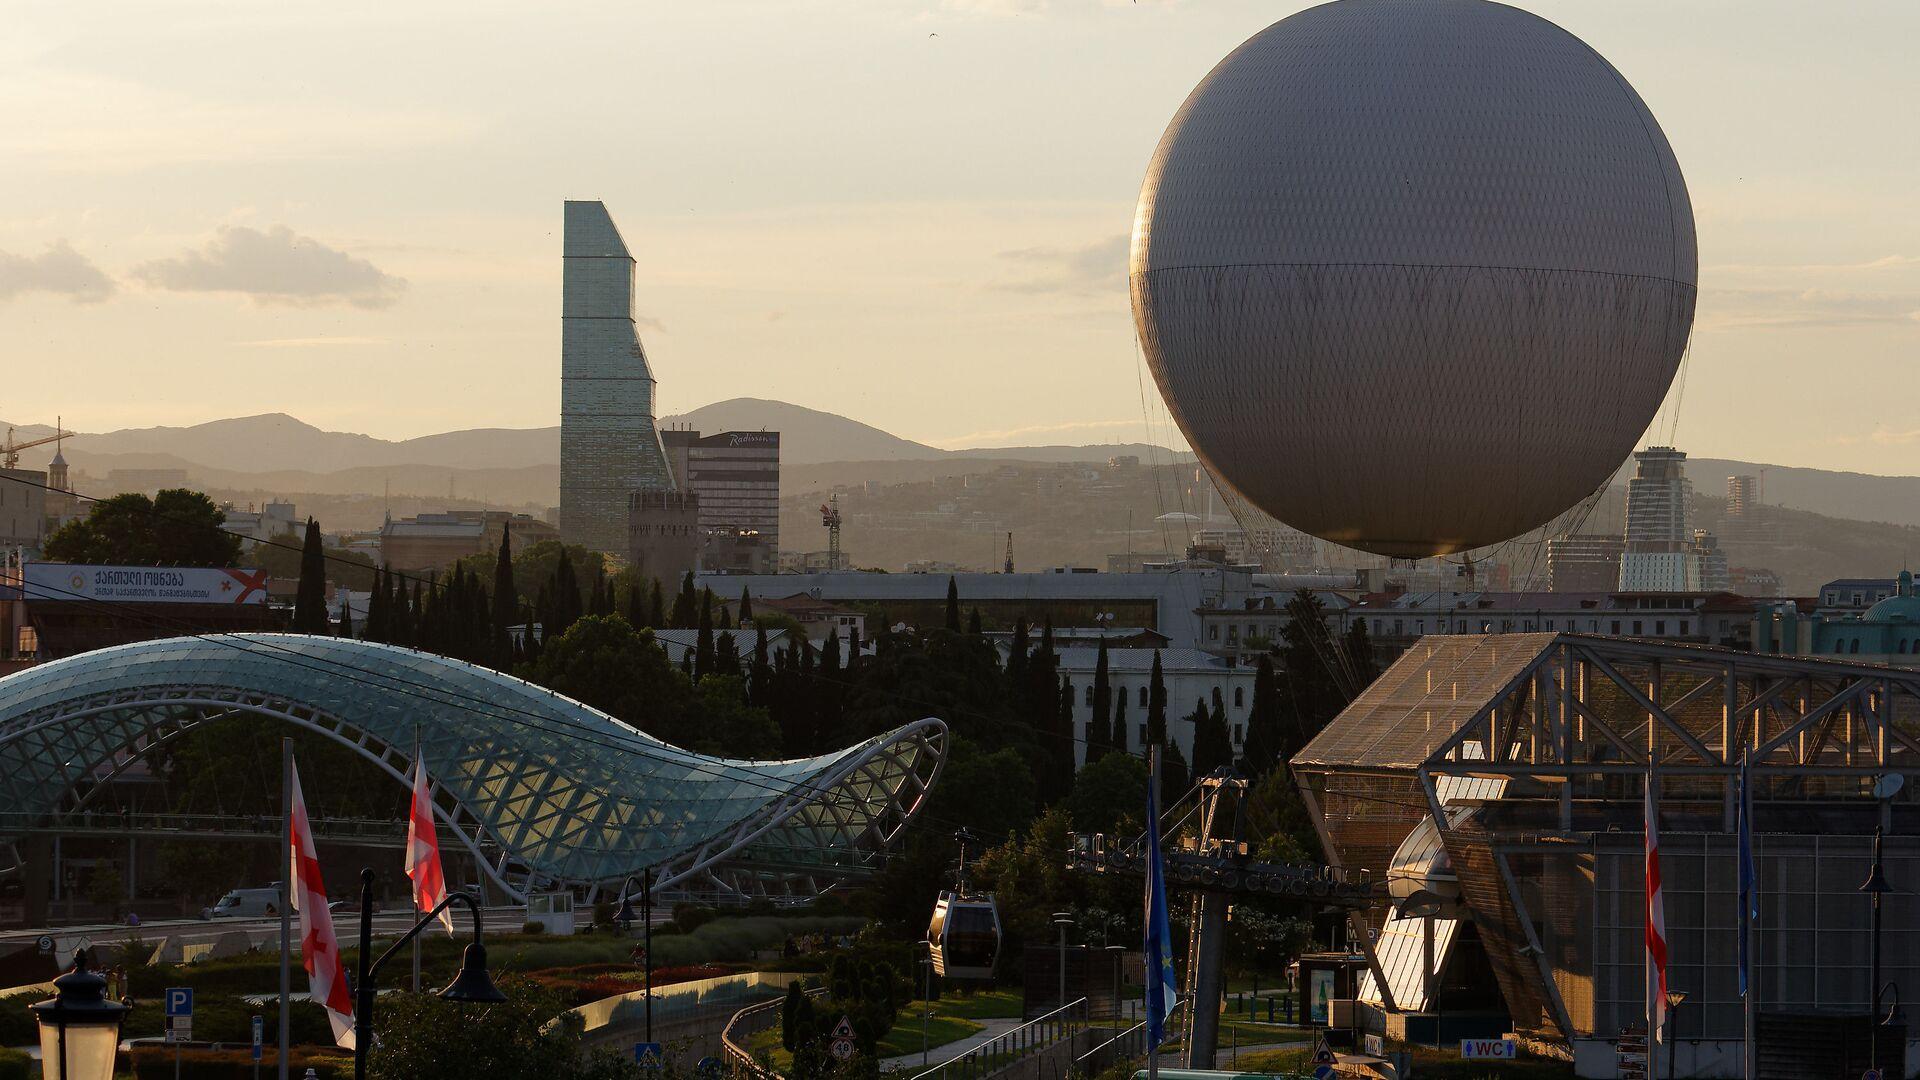 Вид на город Тбилиси - центр города, парк Рике и стеклянный мост Мира, отель Билтмор и воздушный шар - Sputnik Грузия, 1920, 14.10.2021